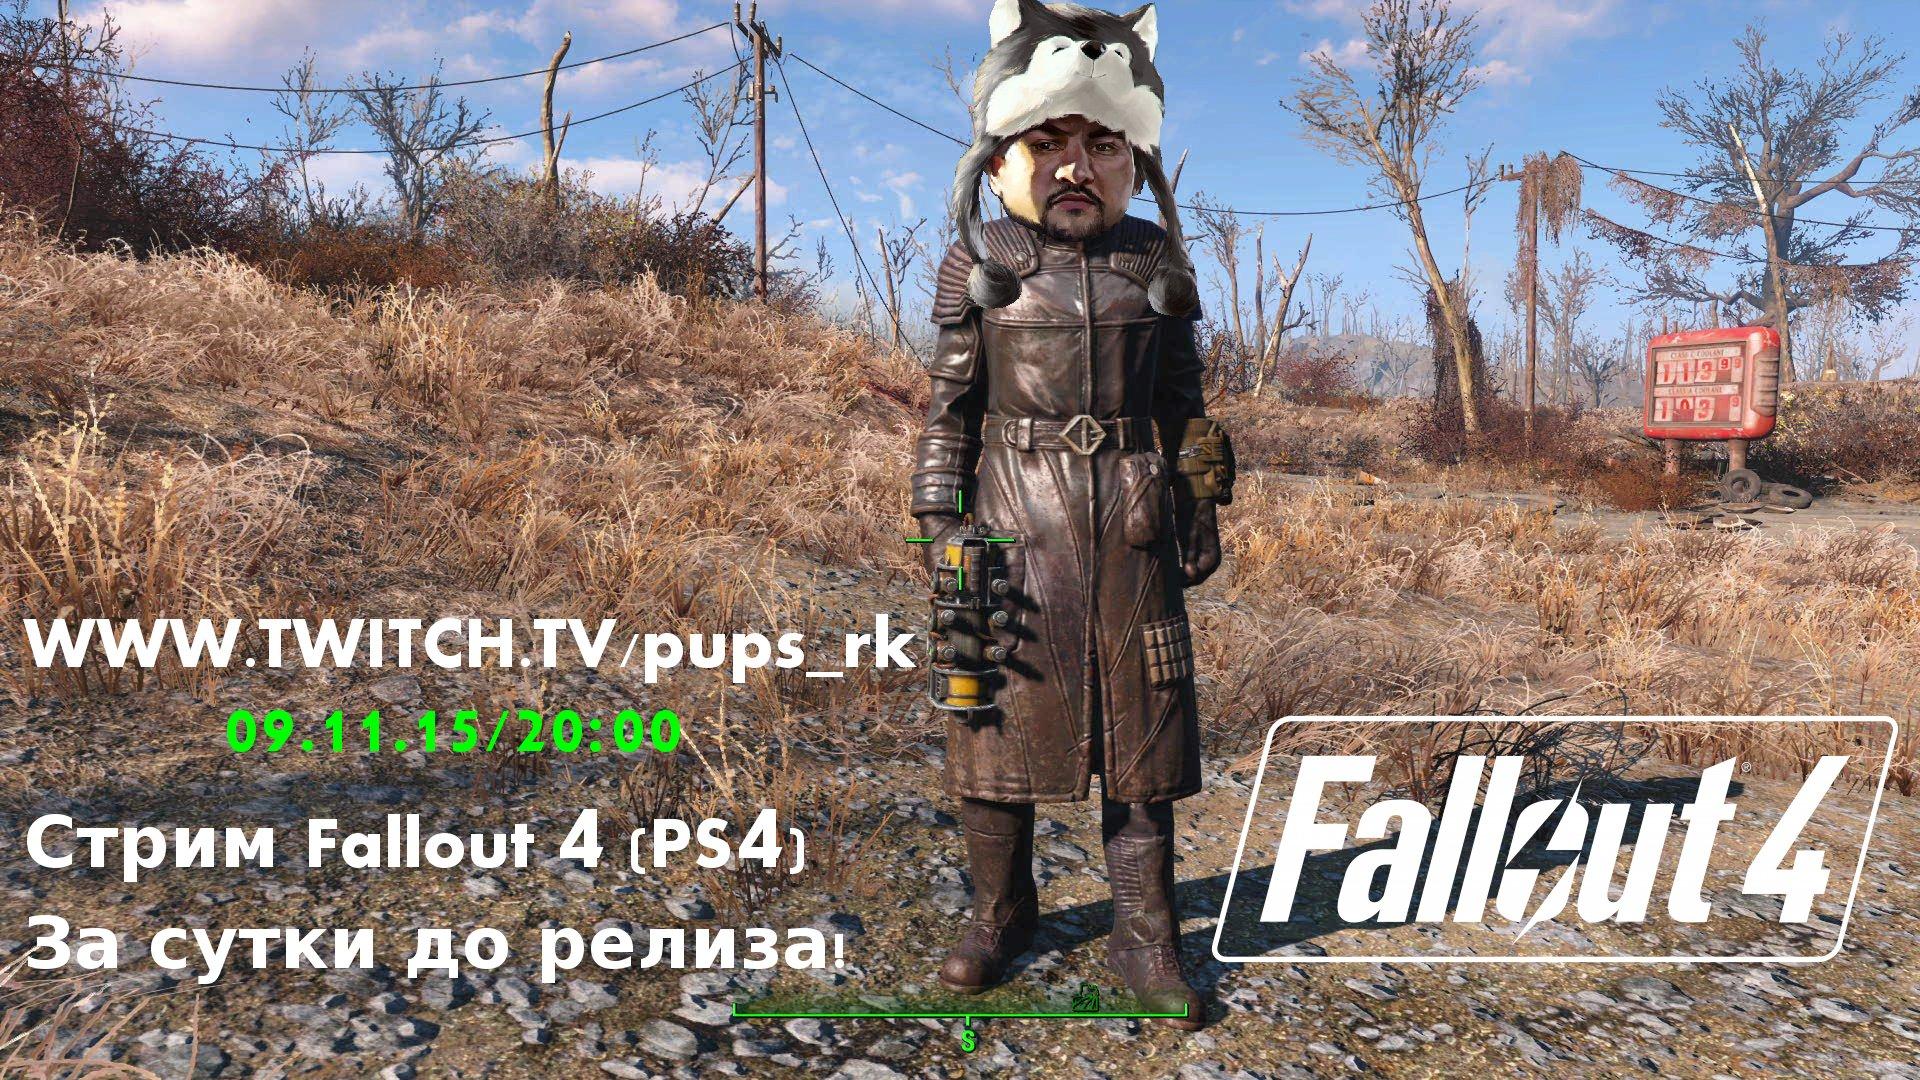 Большой стрим Fallout 4 (PS4), за сутки до релиза! - Изображение 1